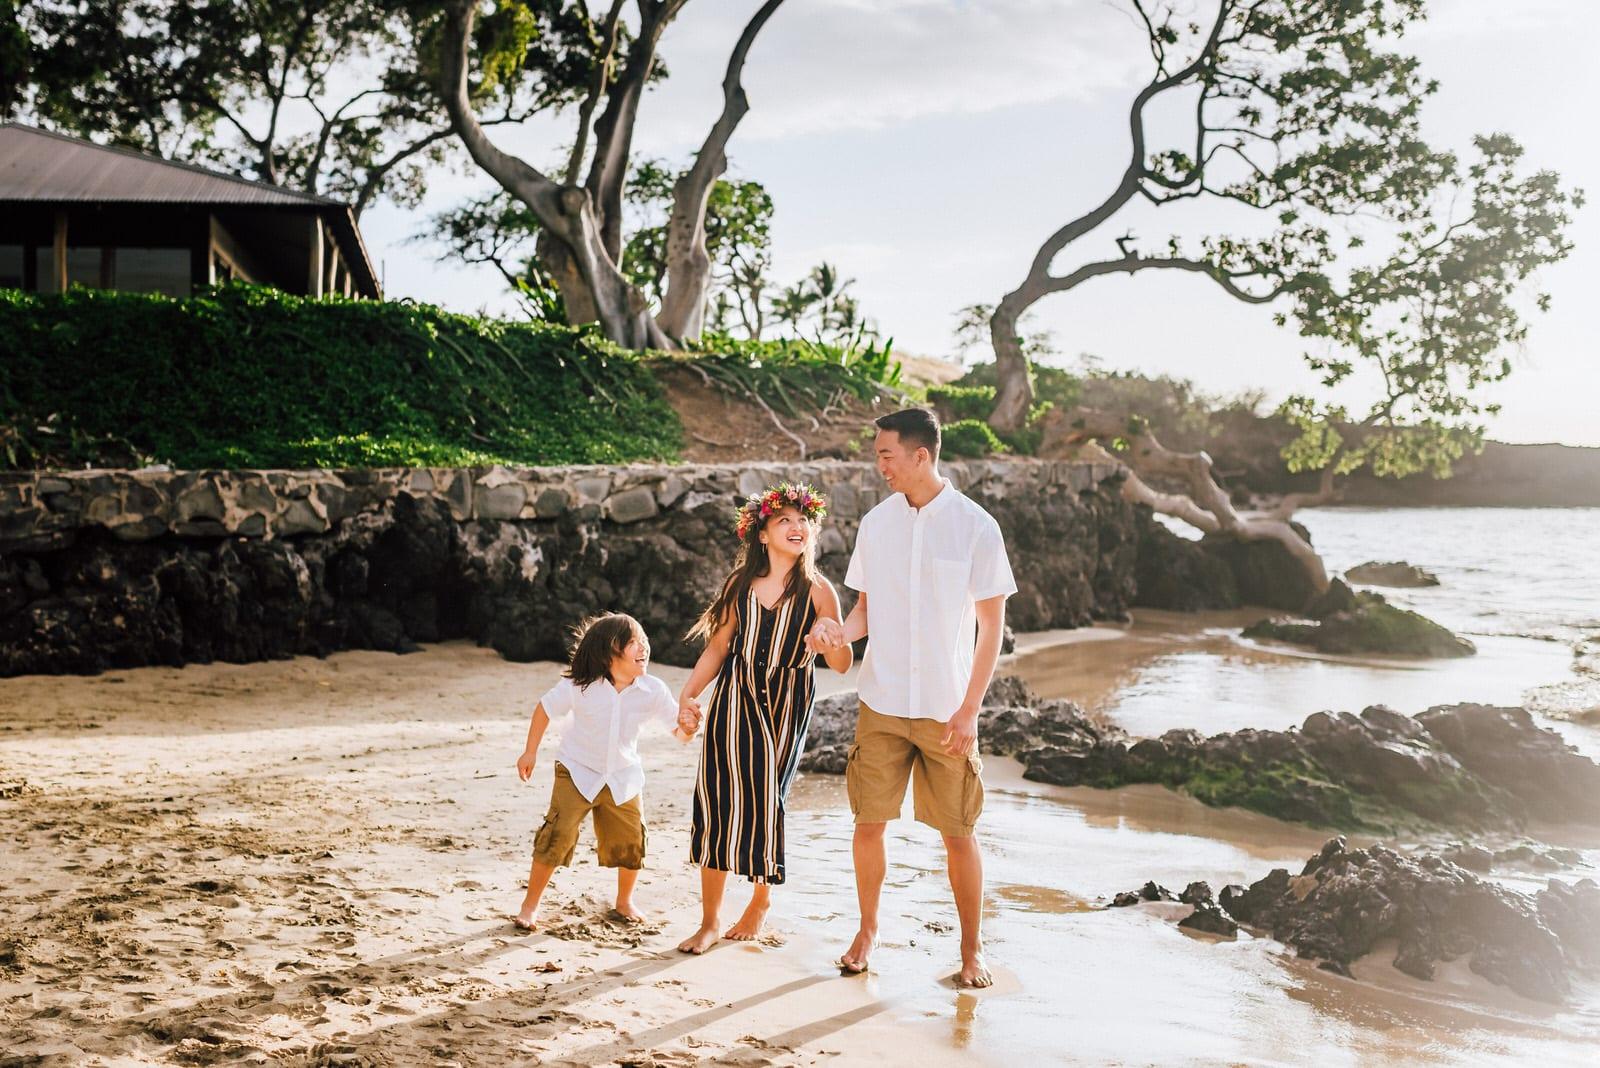 Mauna-Kea-Sunset-Honeymoon-Photographer-Hawaii-Big-Island-2.jpg